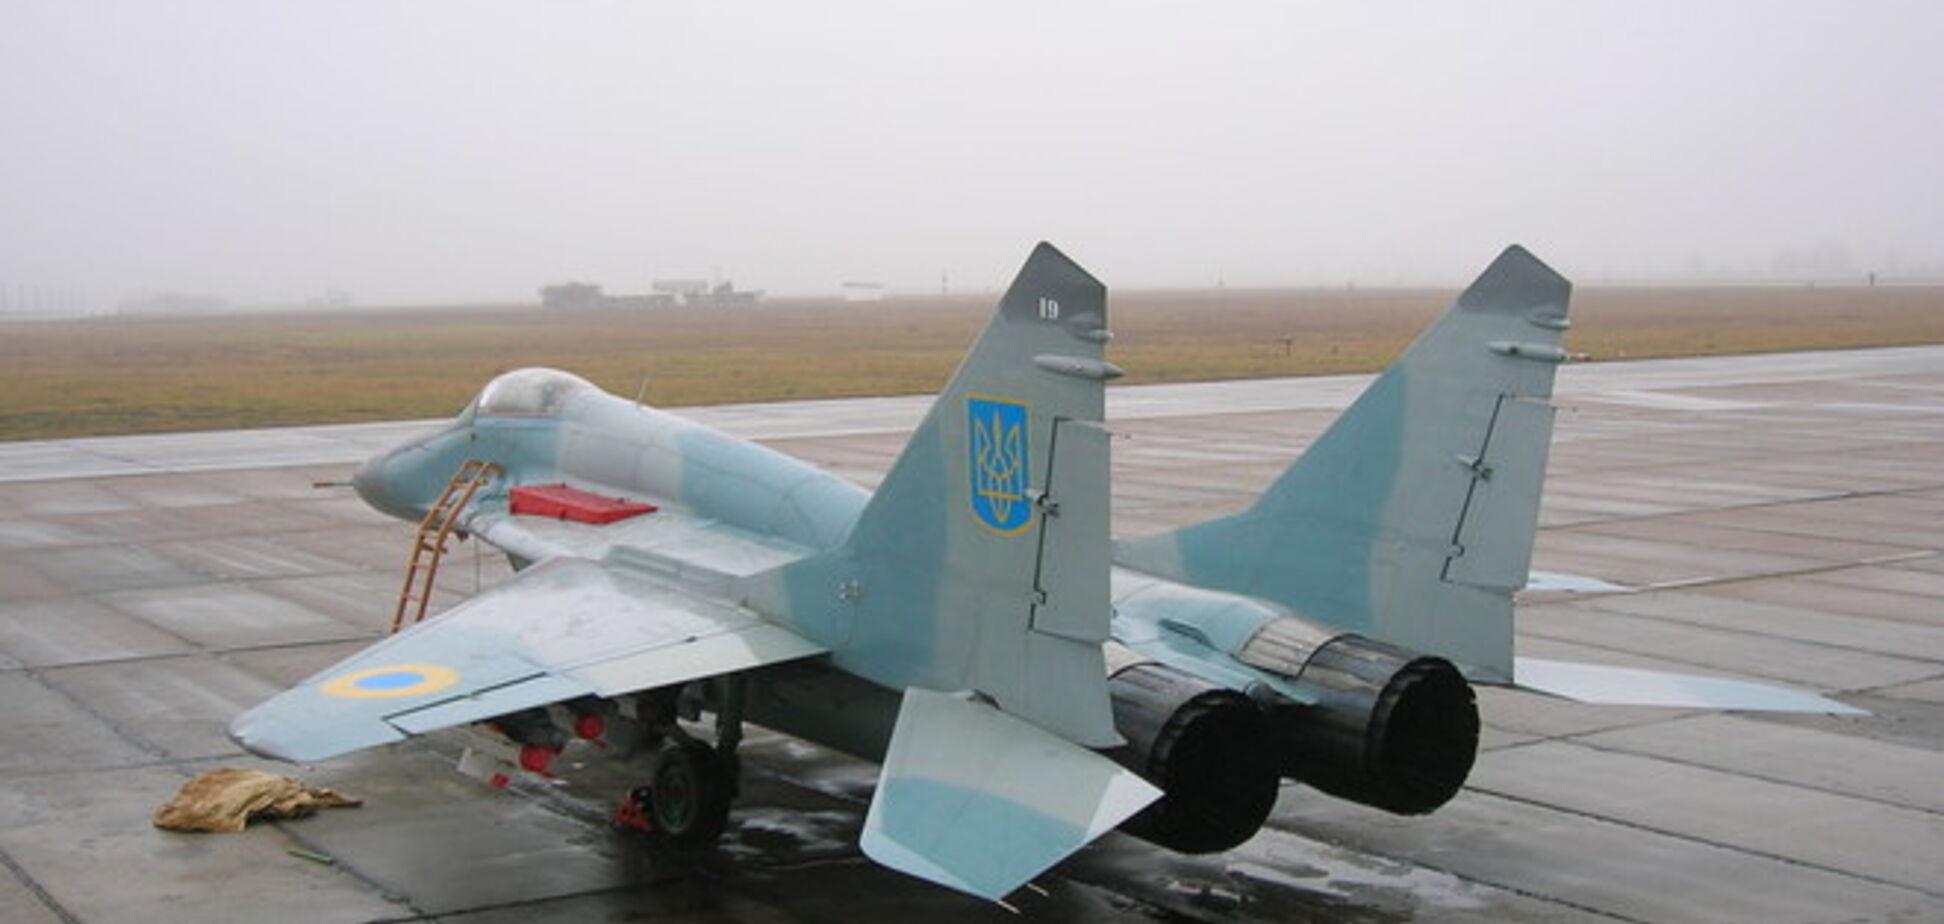 Россия готовит провокации с использованием украинскиих самолетов, захваченных в Крыму - Тымчук